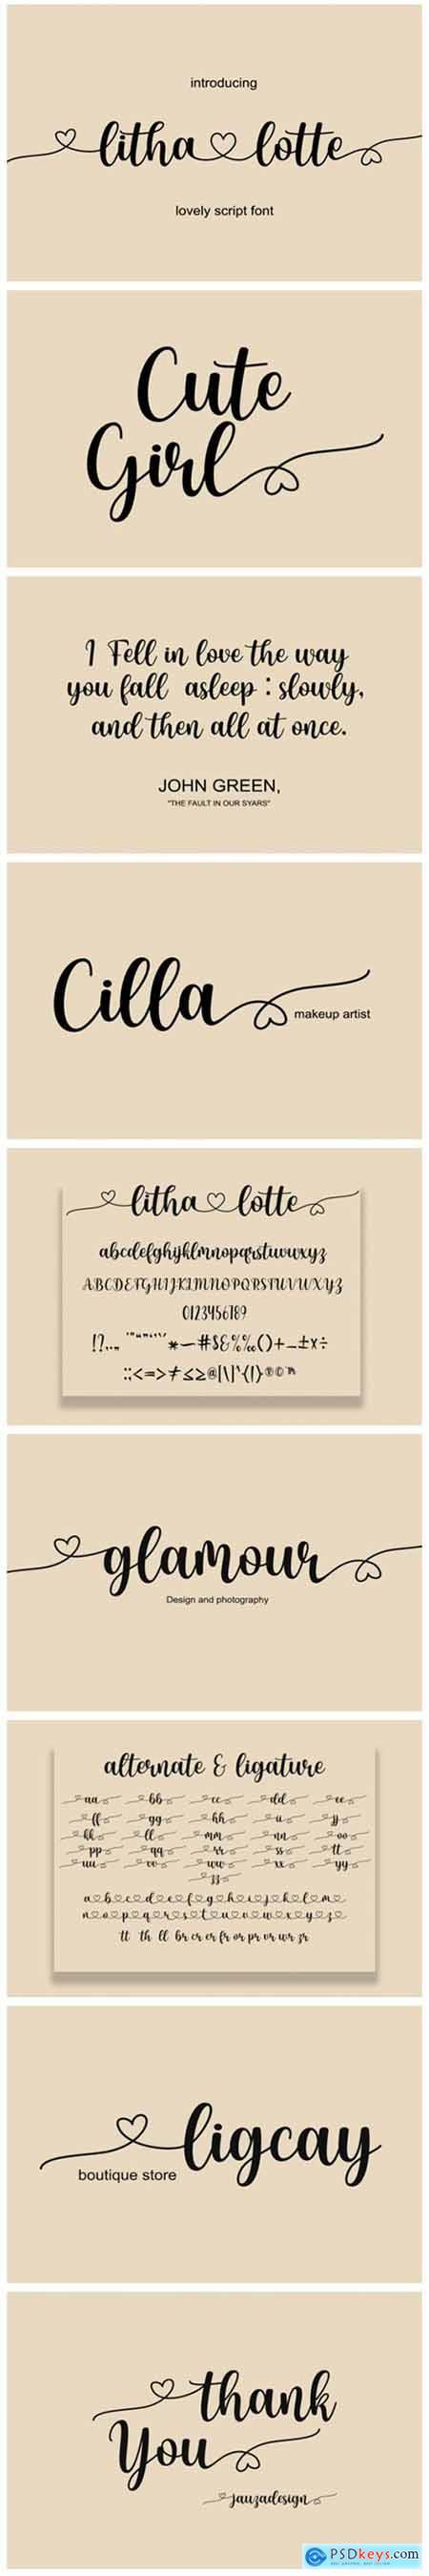 Litha Lotte Font